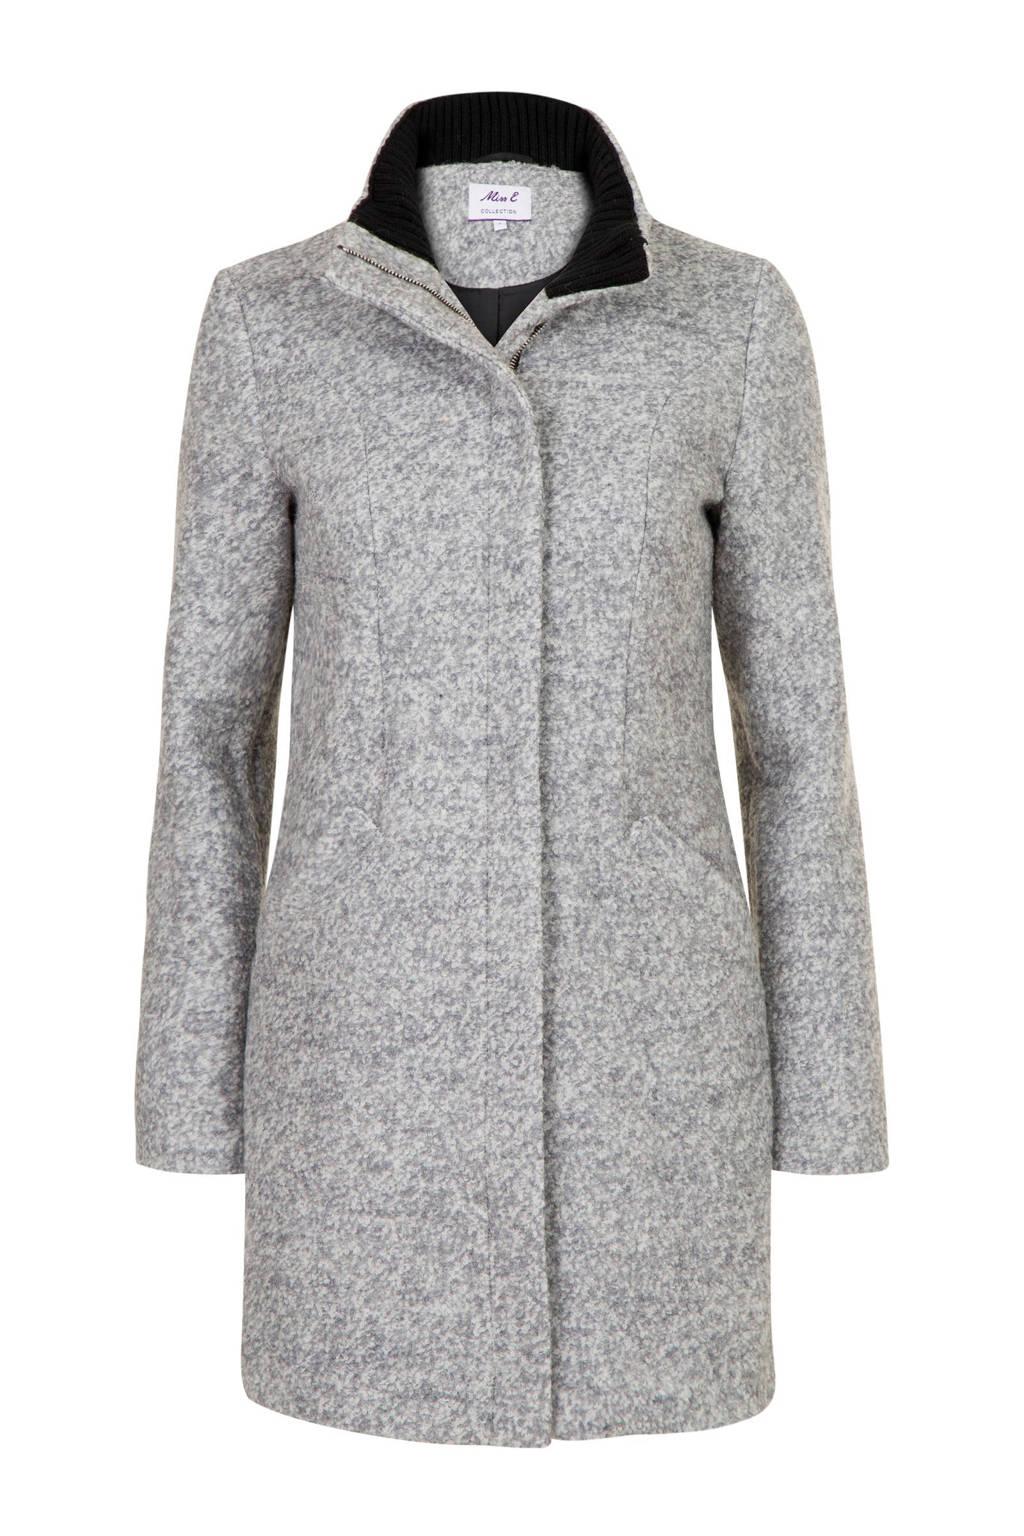 Miss Etam Regulier coat met wol zwart, Zwart